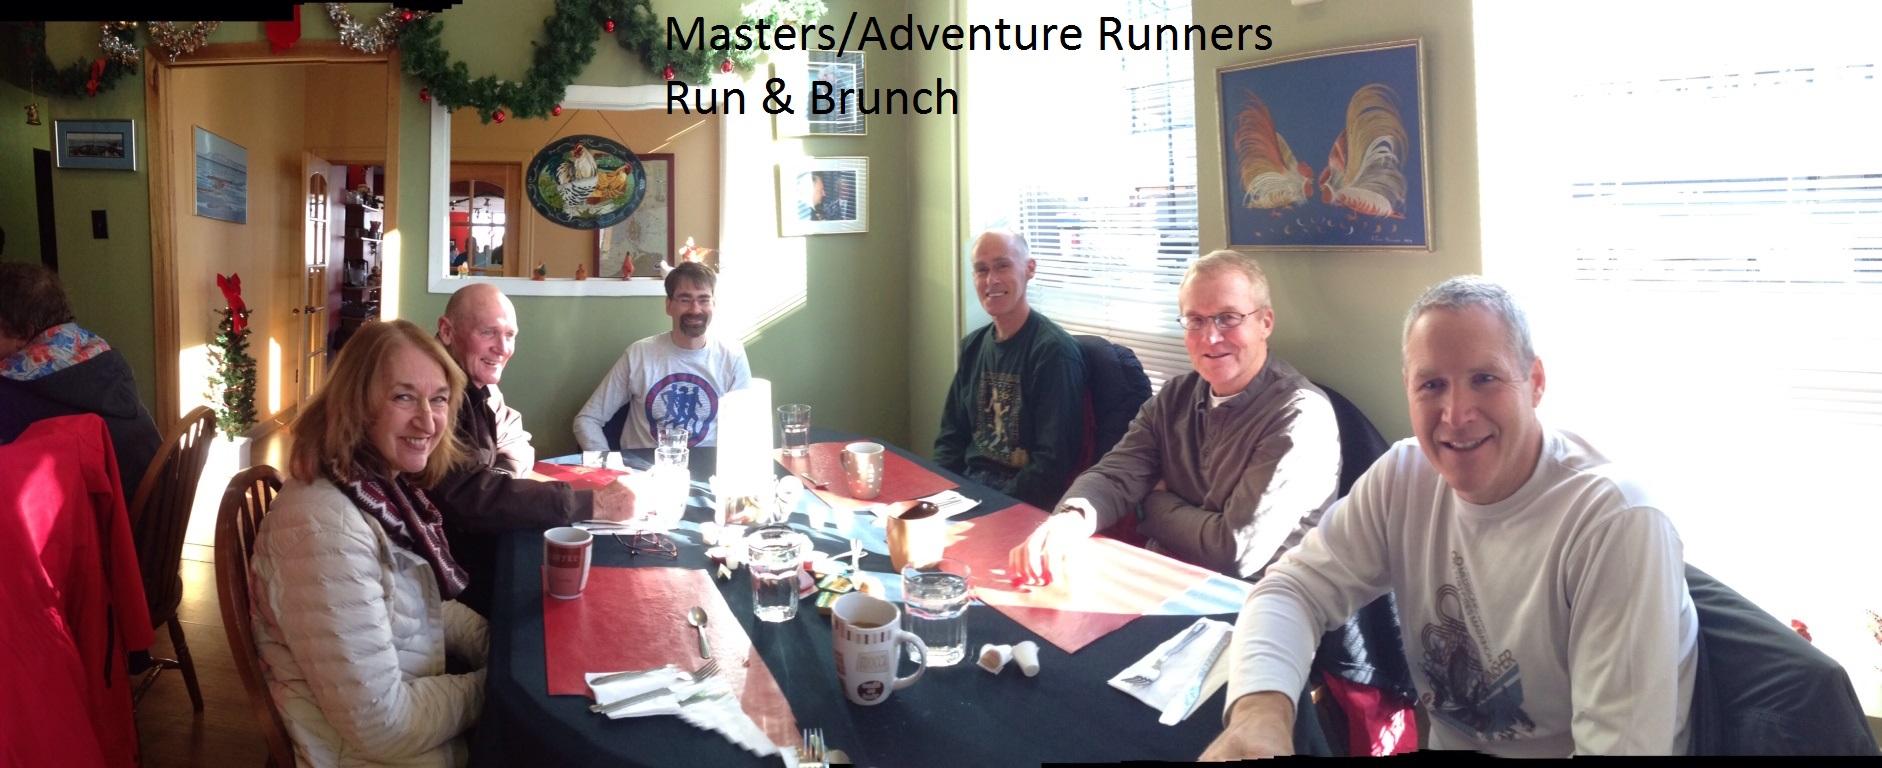 Run & Brunch 4 edited.jpg